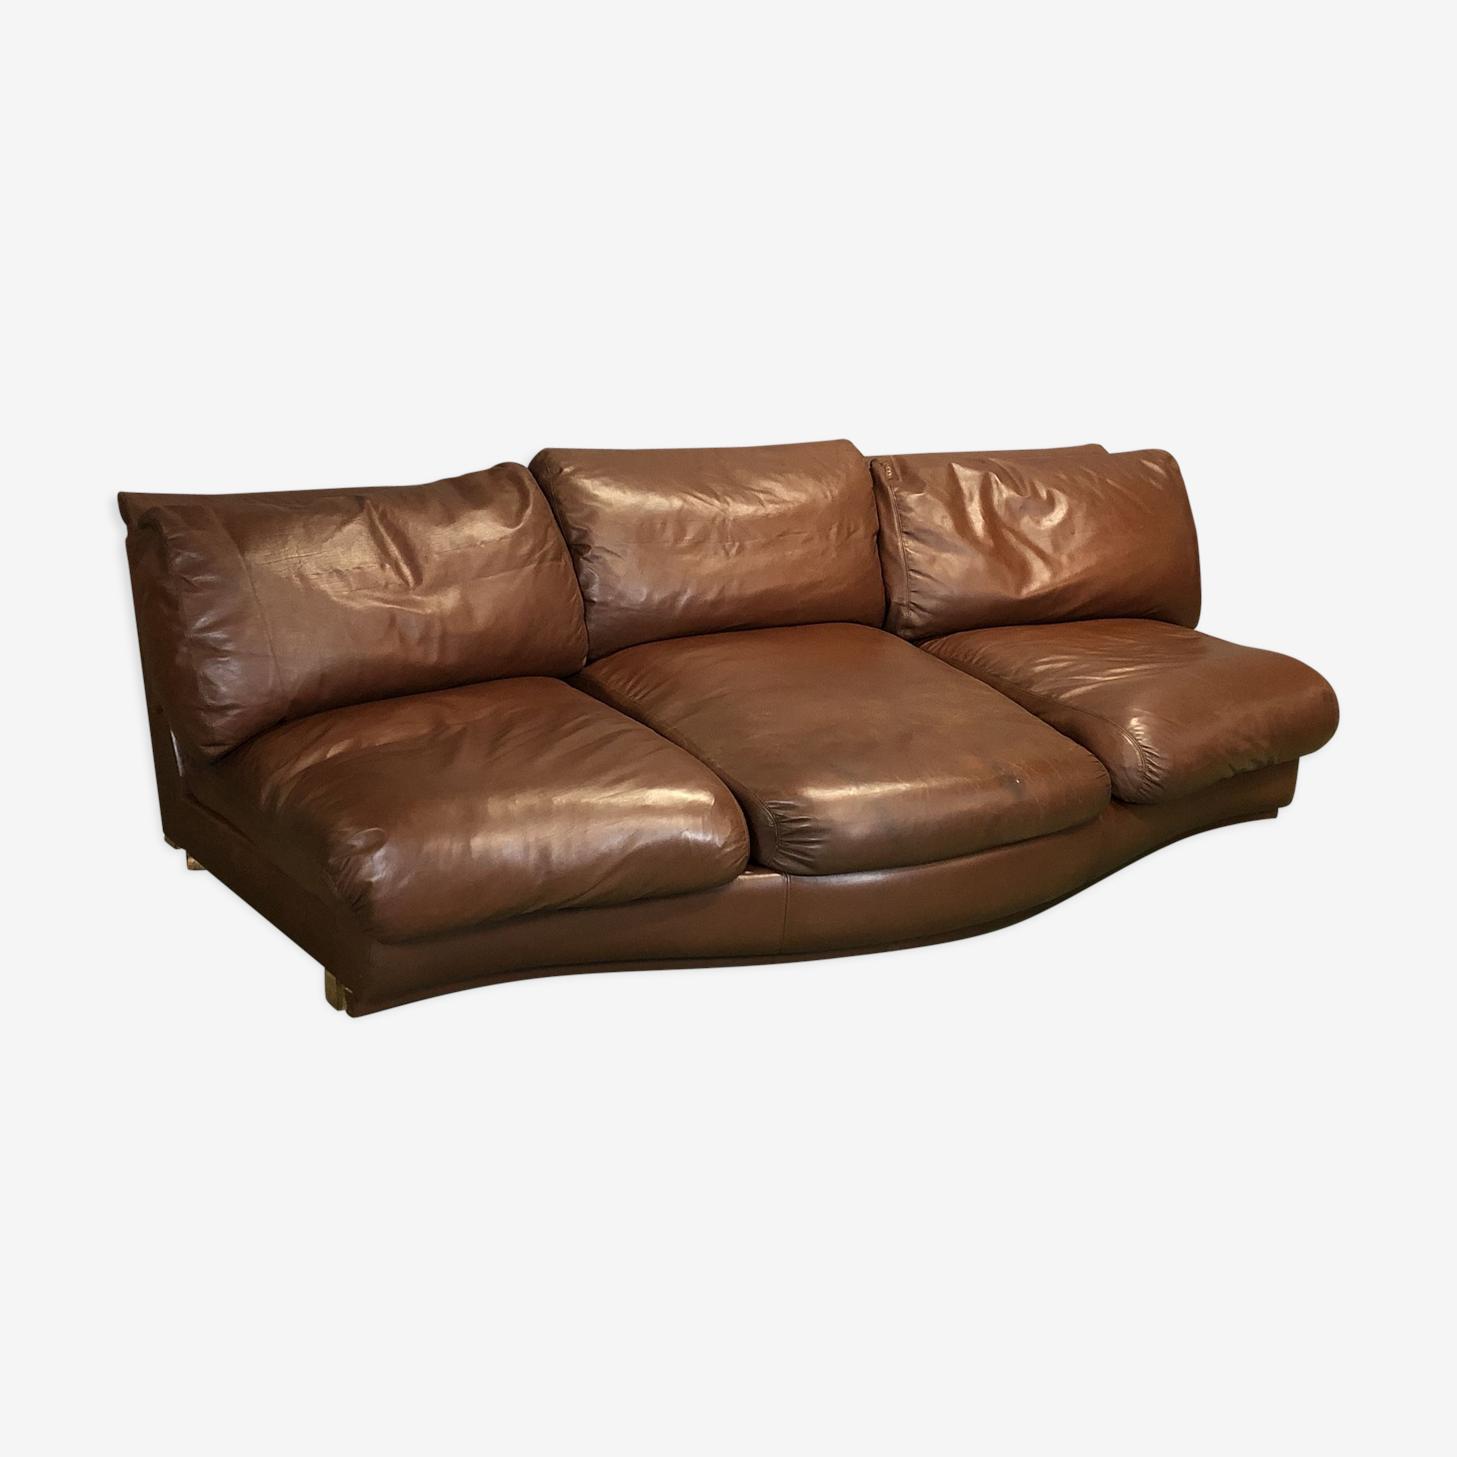 Canapé des années 70 en cuir marron